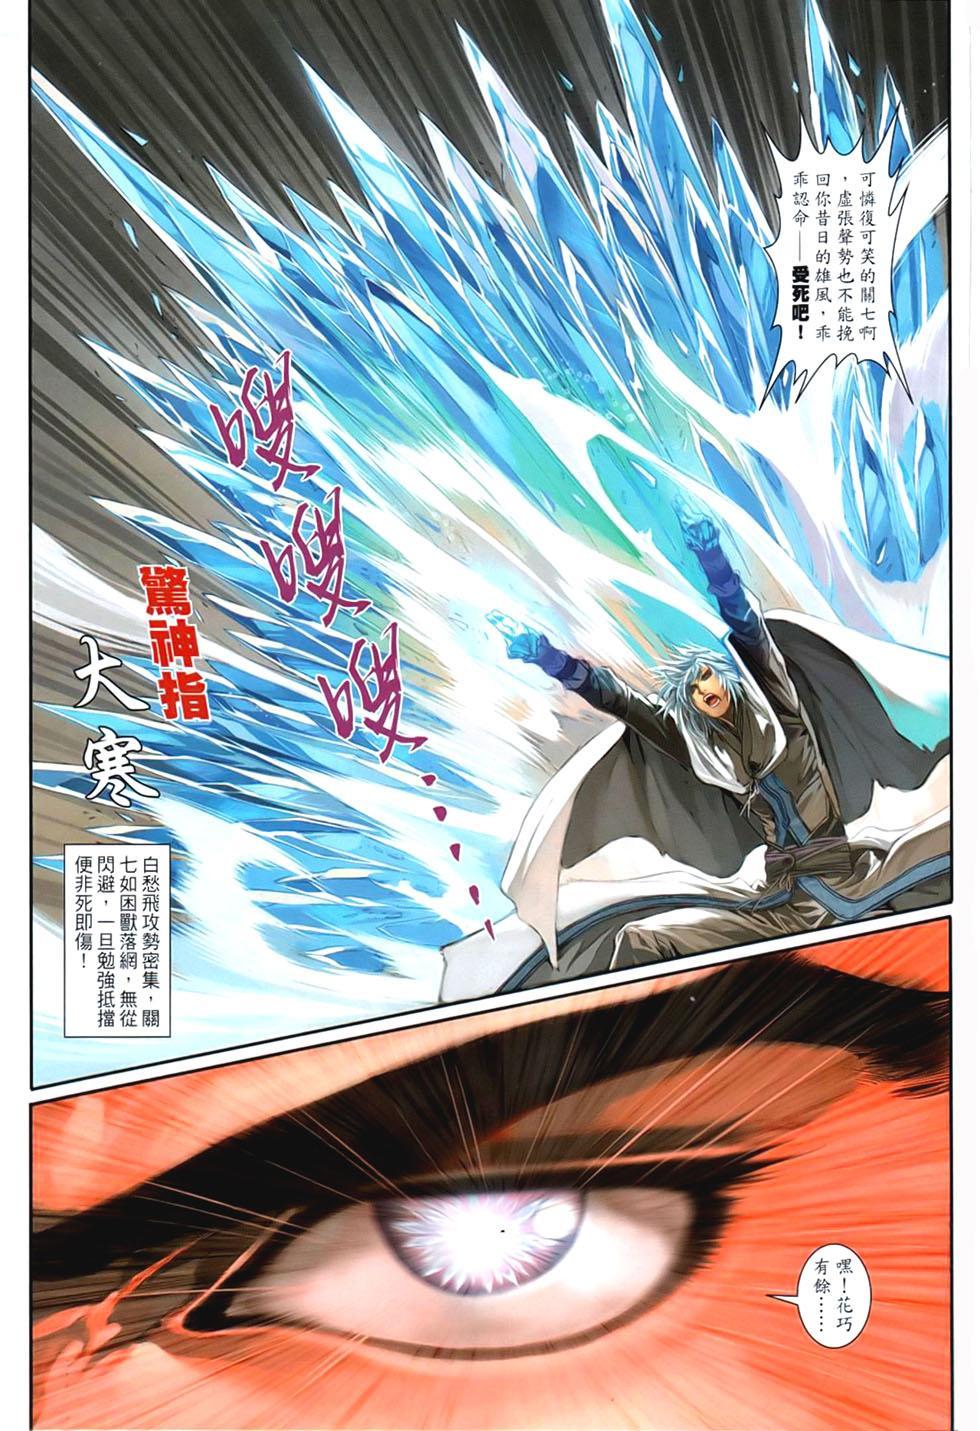 溫瑞安群俠傳漫畫溫瑞安群俠傳89話(第7頁)劇情-二次元動漫